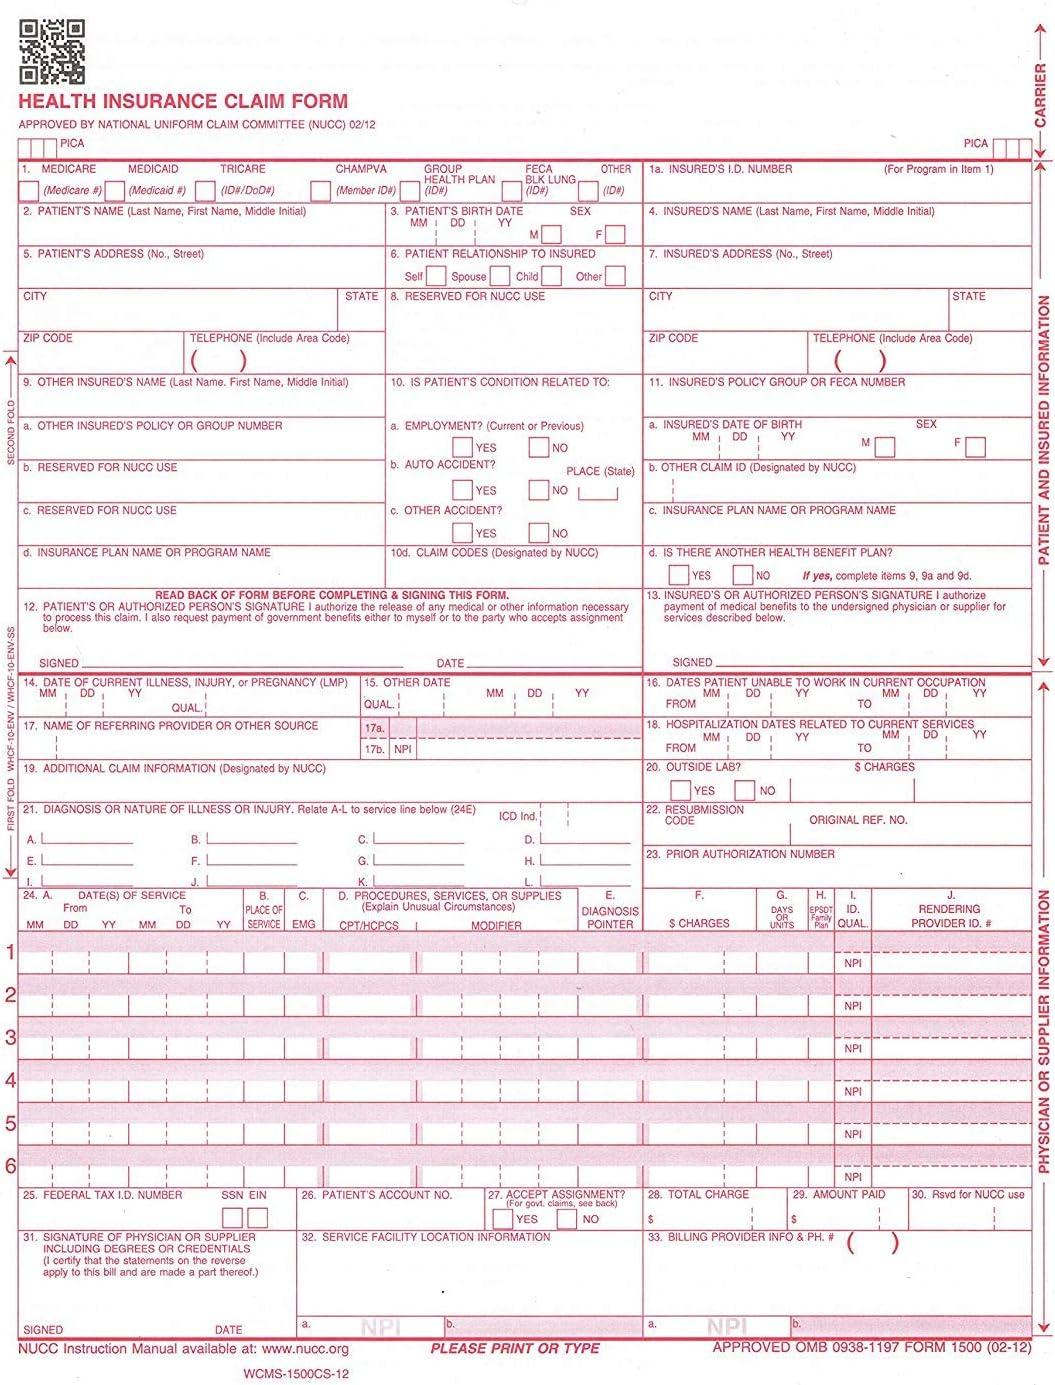 CMS-1500CS-12 Health Insurance Claim Forms